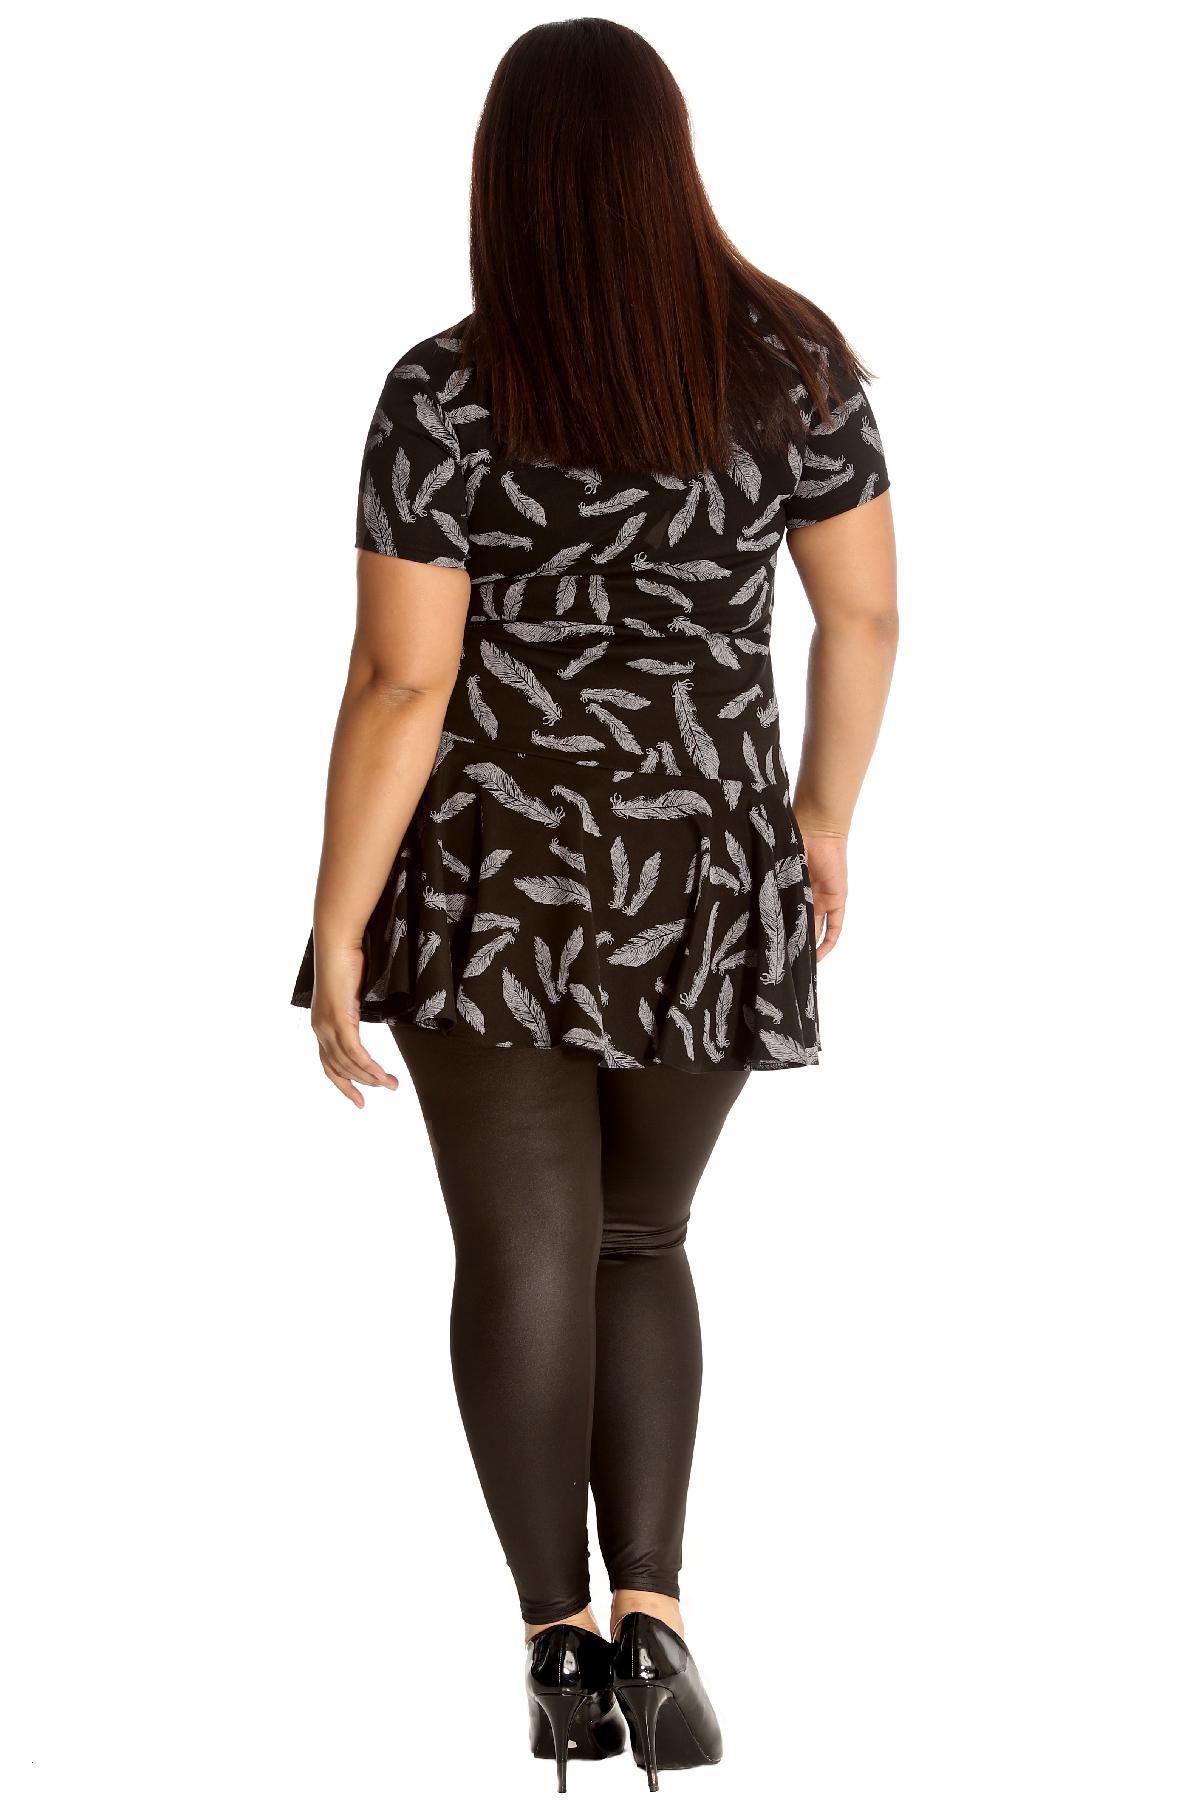 Nouveau Débardeur Grande Taille Tunique Robe Femmes Feuille Imprimé Haut à Basque Volants Style Court